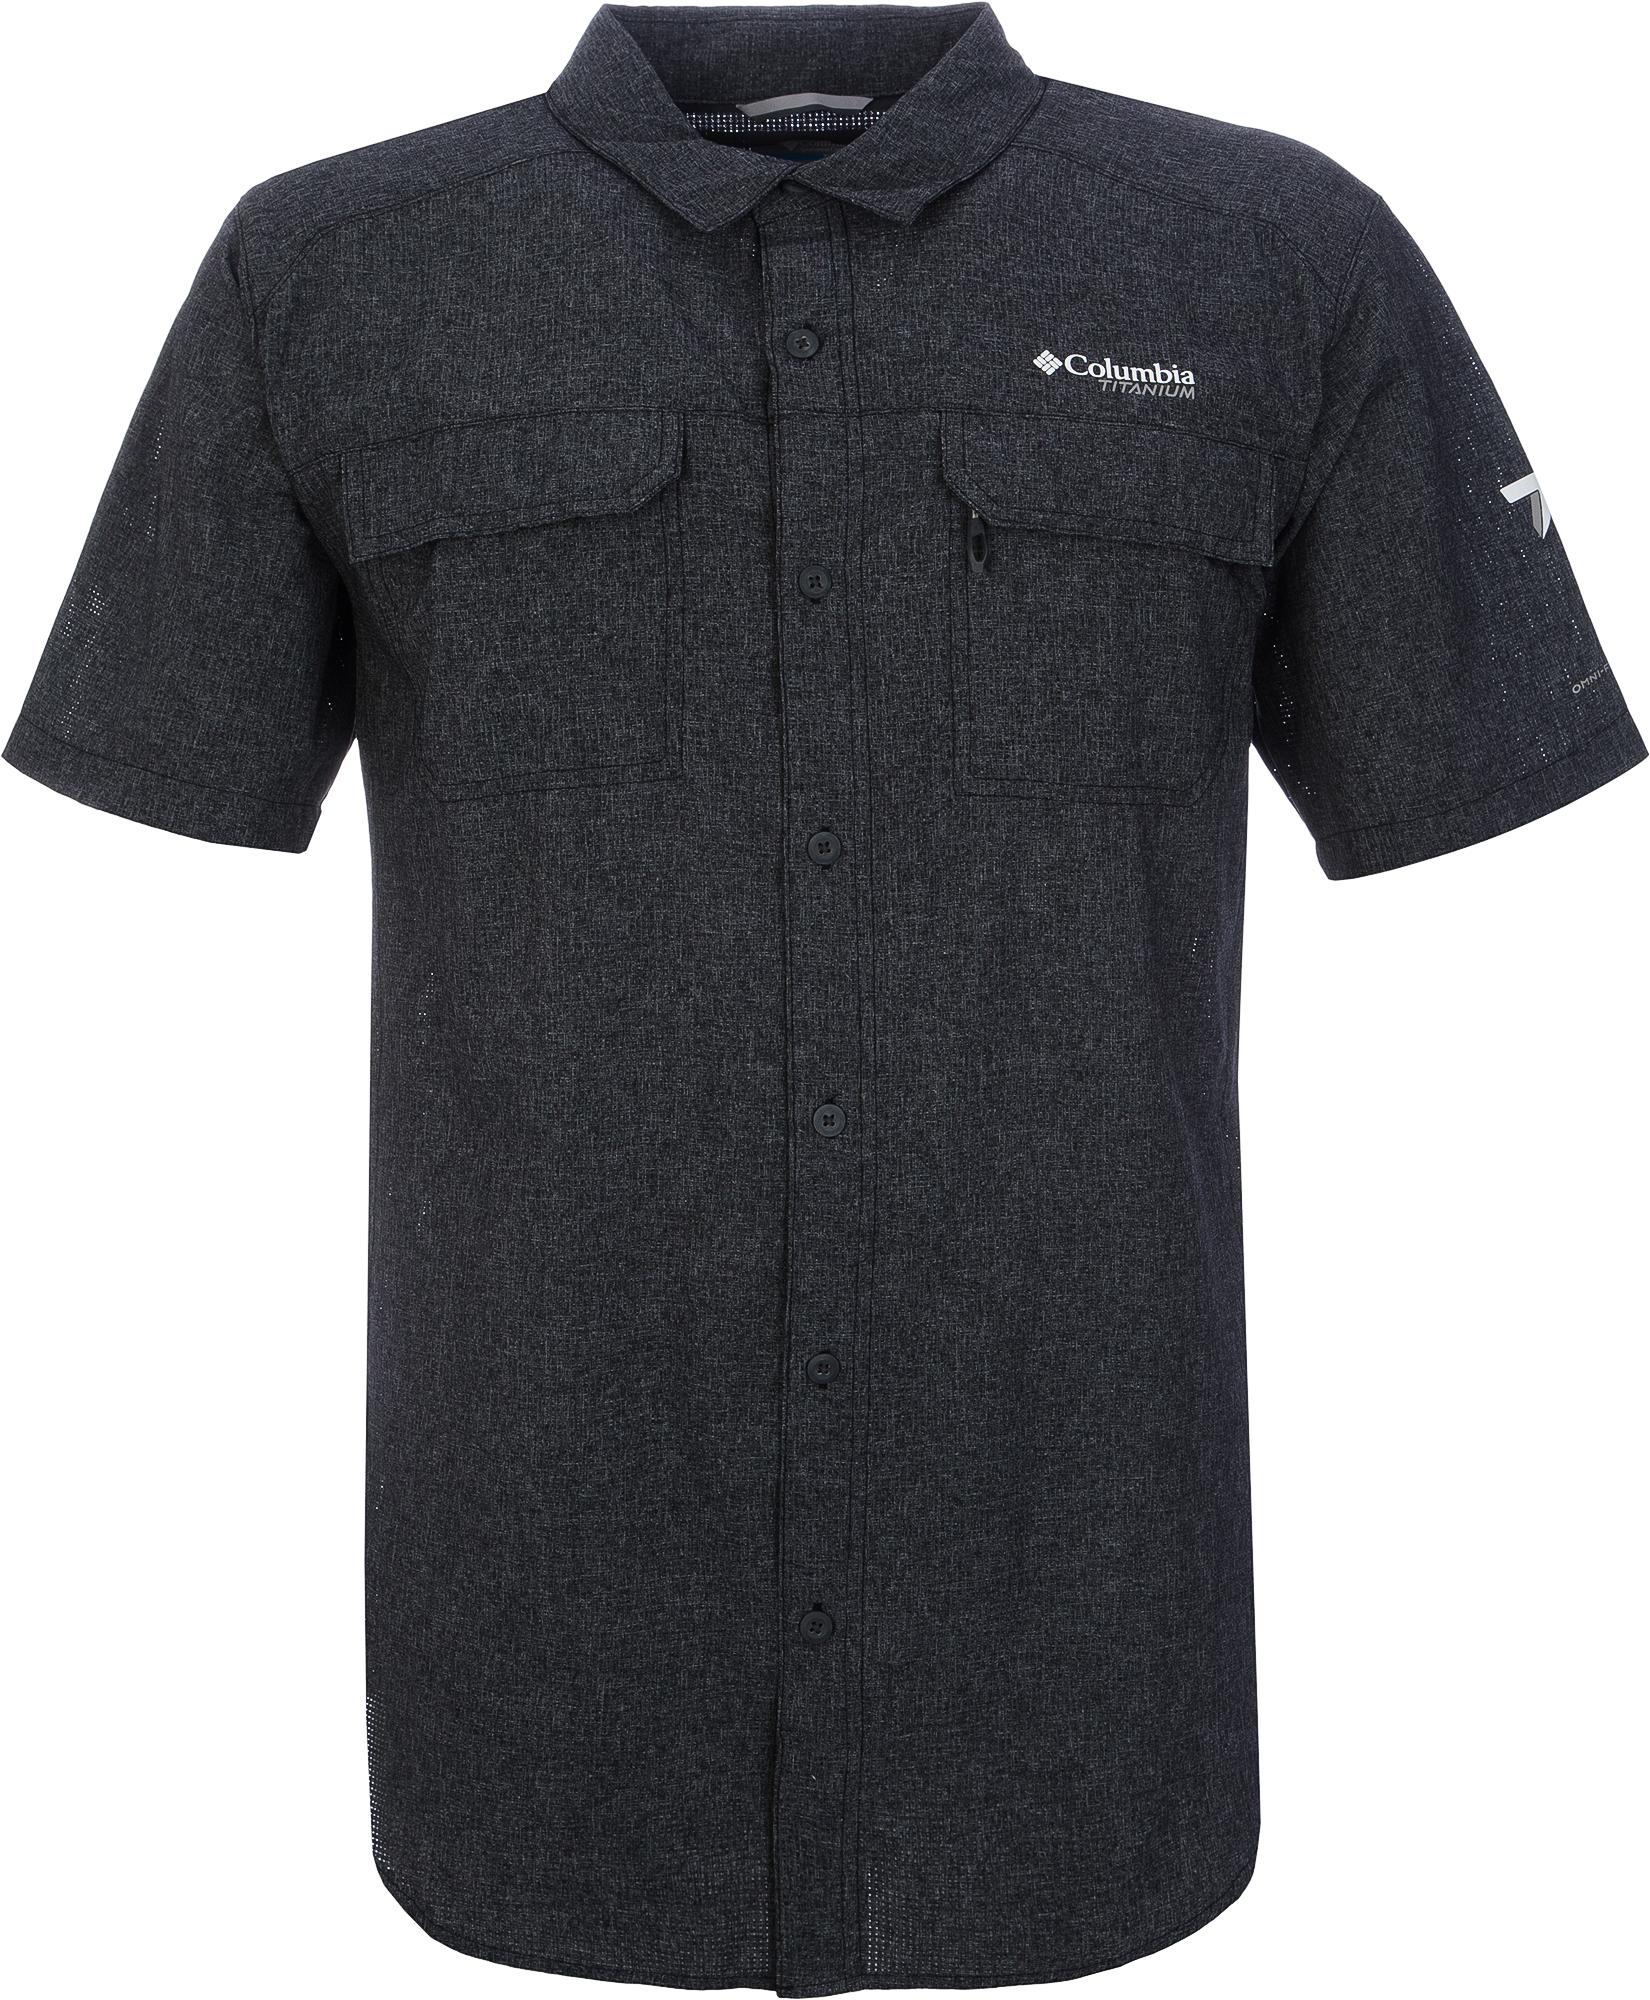 Columbia Рубашка мужская Columbia Irico, размер 56-58